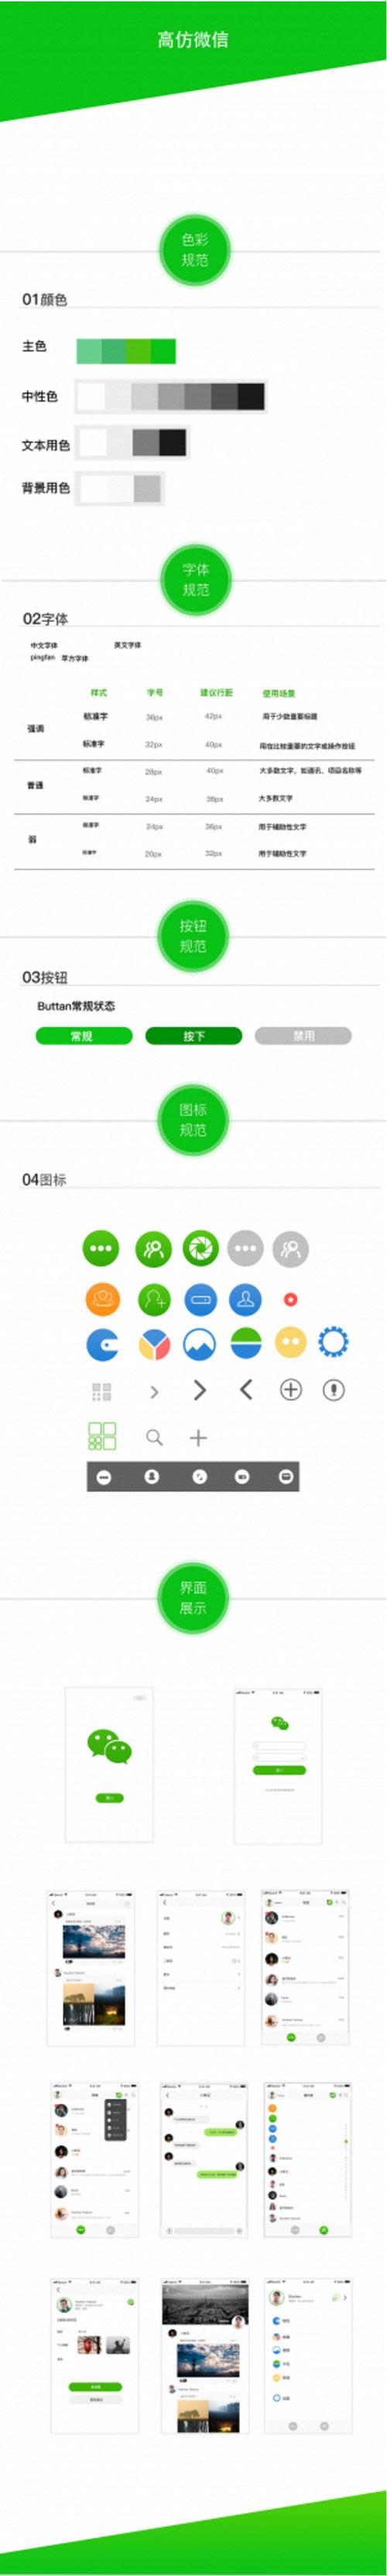 原生仿微信社交社区即时通讯聊天双端APP源码开源 带PC客户端